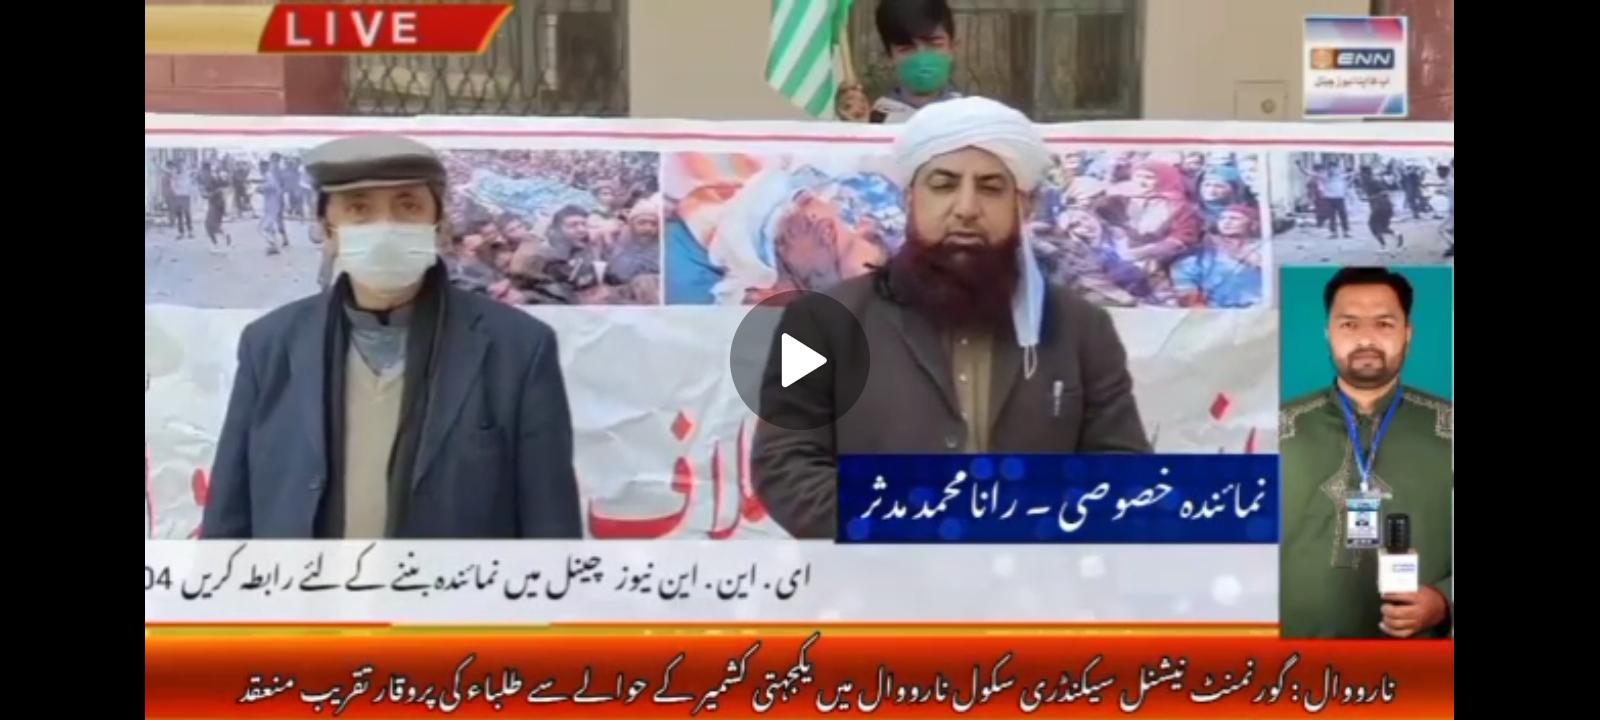 نارووال میں یکجہتی کشمیر کے حوالے سے طلباء کی پروقار تقریب منعقد